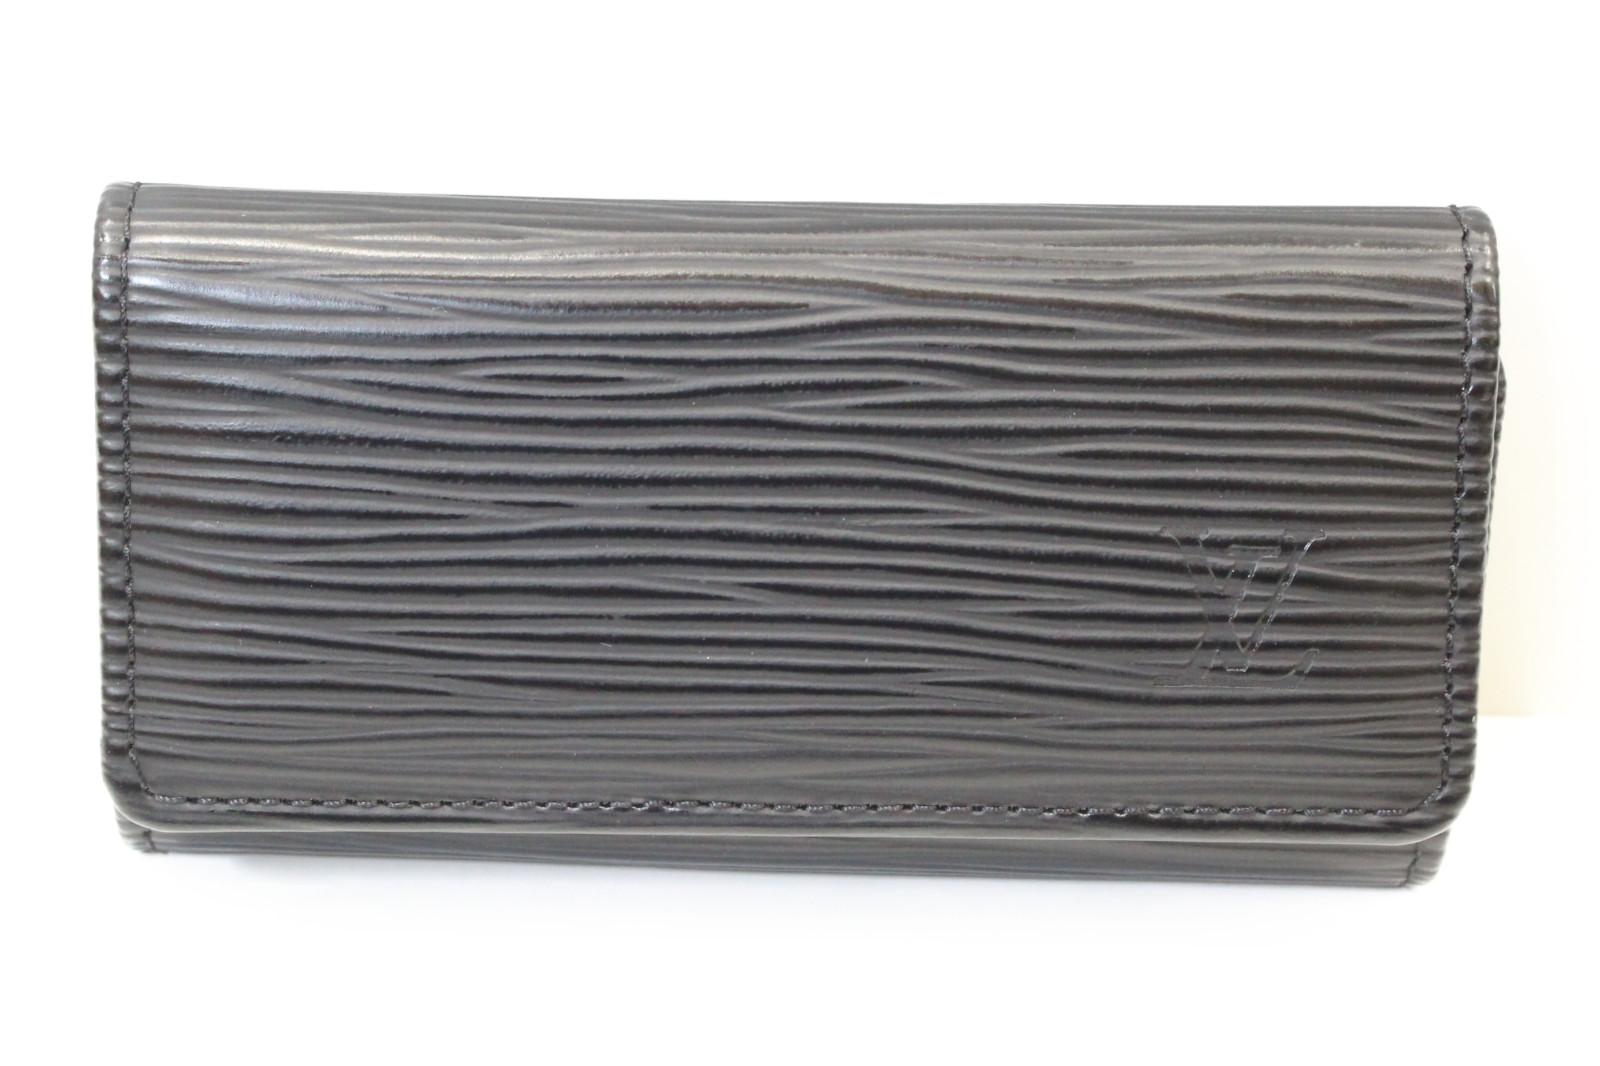 LOUIS VUITTON ルイヴィトンミュルティクレ4 M638224連 キーケース エピブラック シンプルプレゼント包装可 【中古】